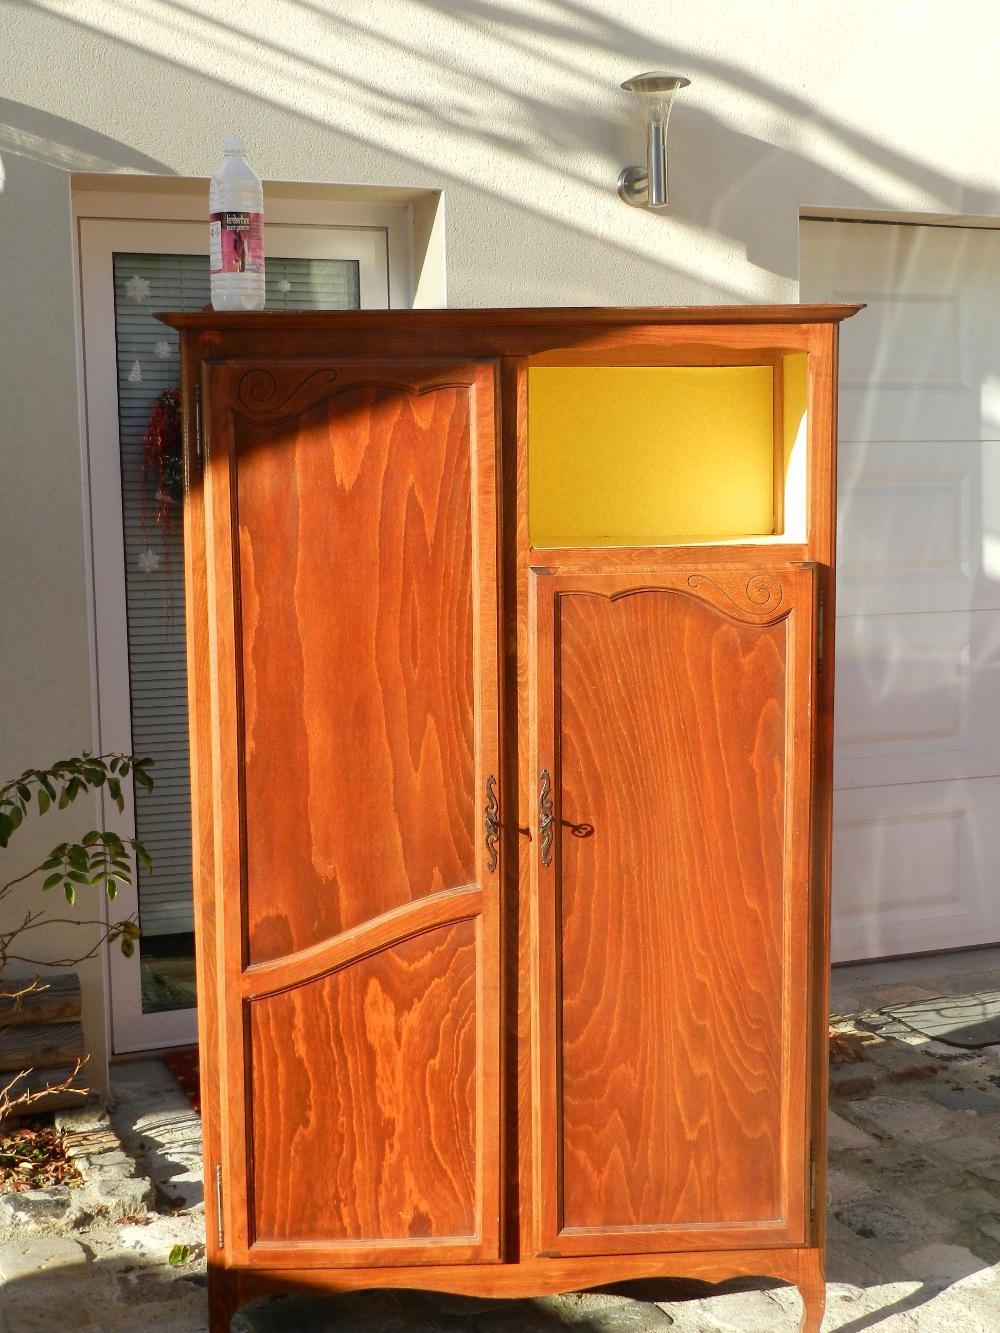 armoire avant rénovation